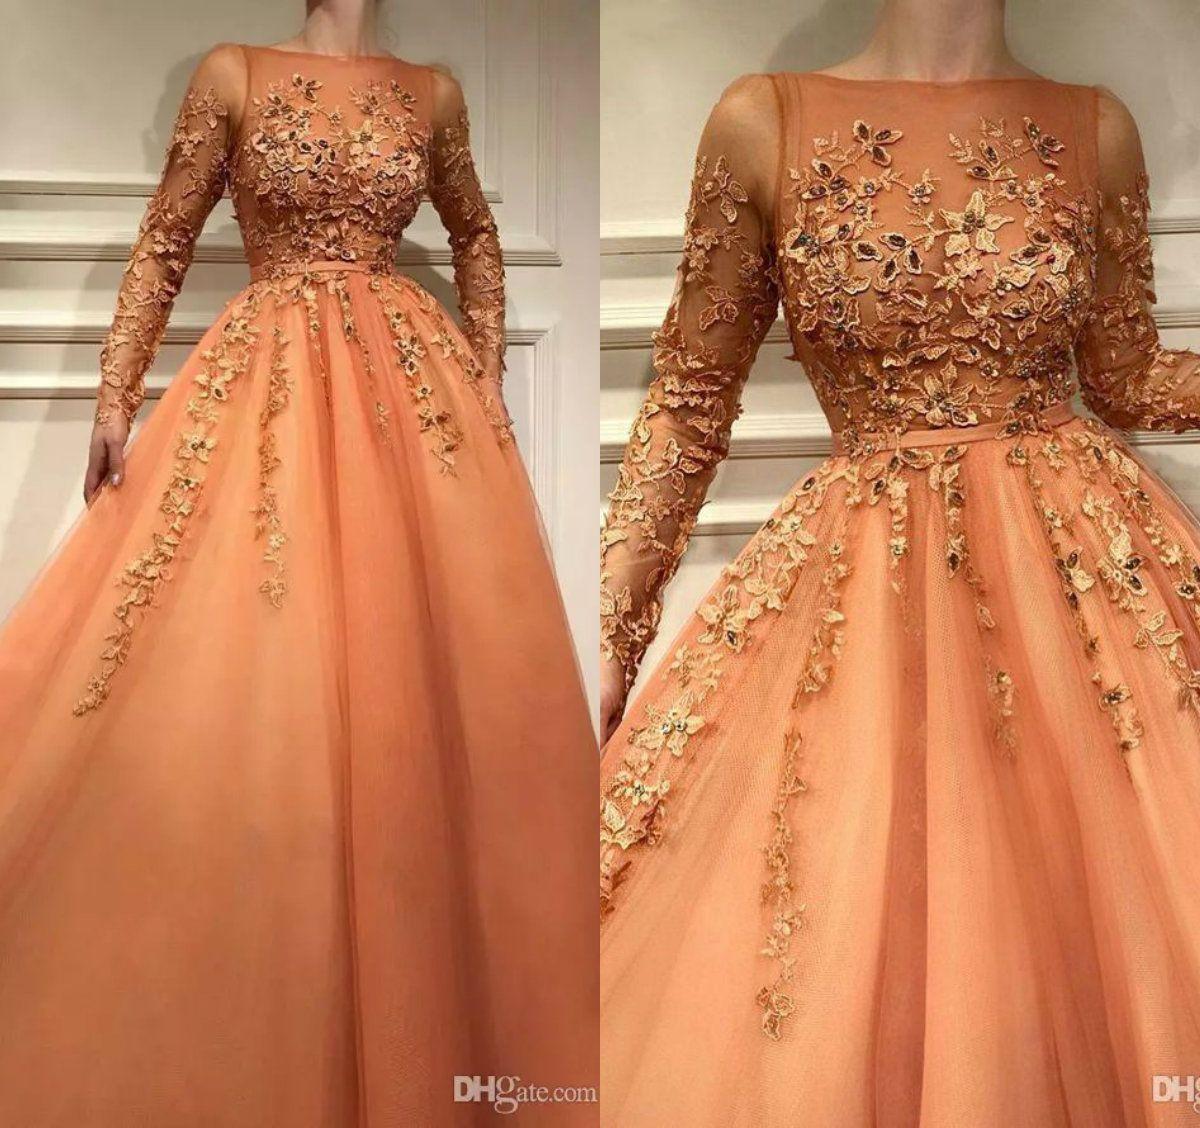 Encaje Naranja Vestidos de noche con mangas largas Una línea Apliques Vestido de fiesta largo con cuentas Cinturón Ilusión Corpiño Vestido de ocasión formal